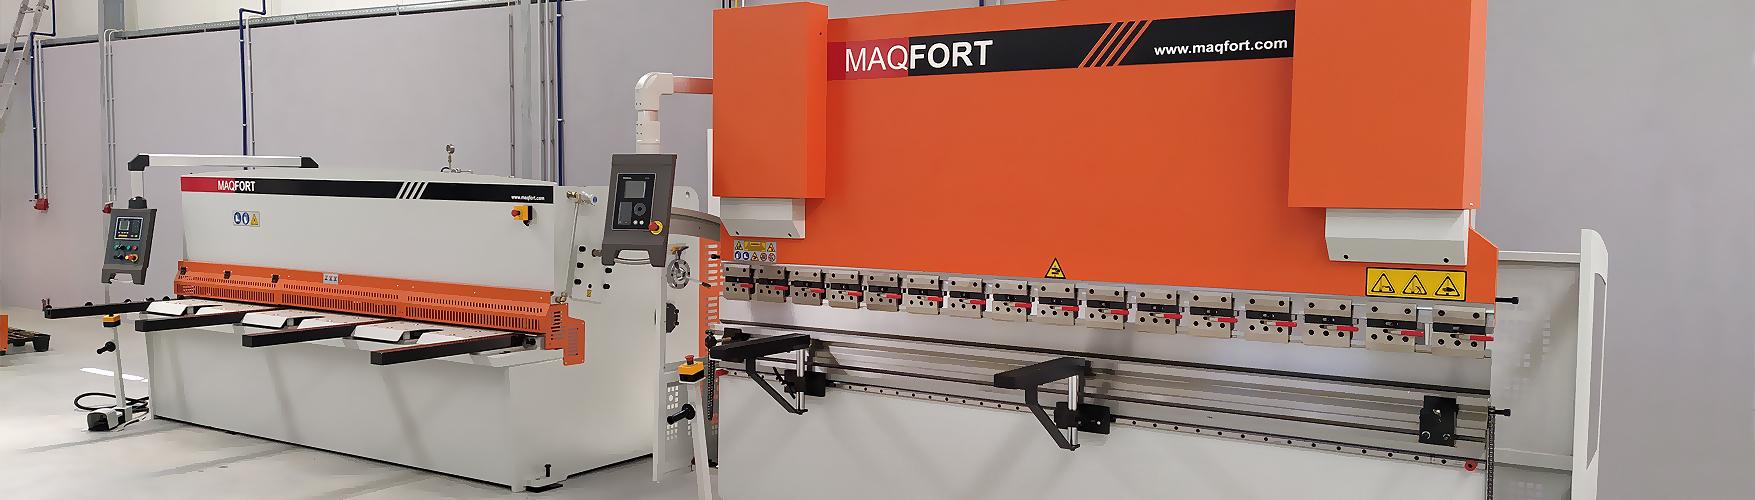 Instalação de Quinadora e Guilhotina hidráulica 3 m |MAQFORT